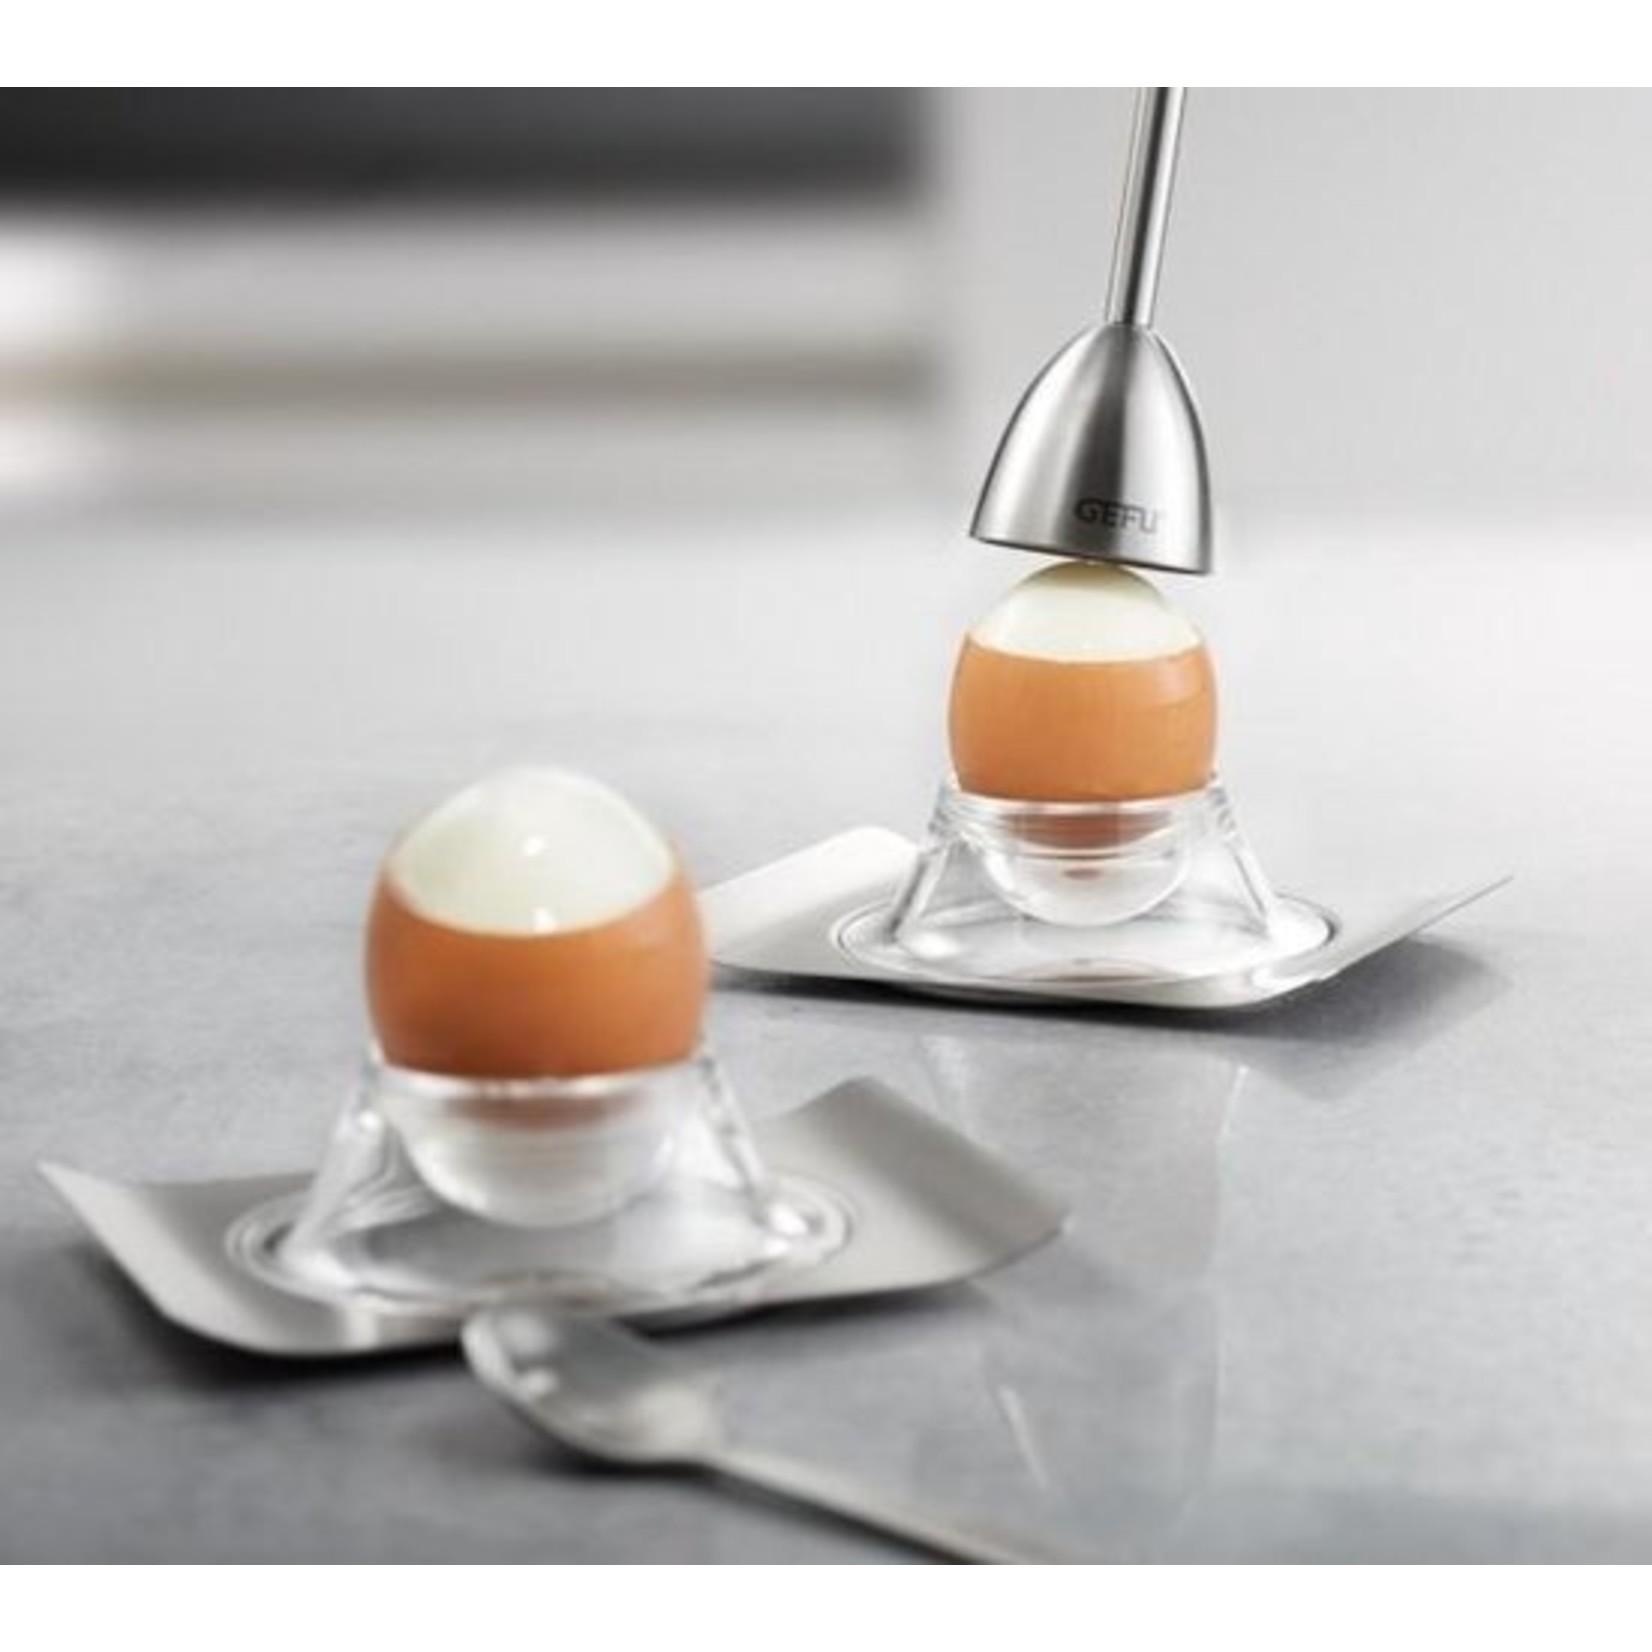 Gefu Gefu Ei eierschaalsnijder met zoutmolen RVS